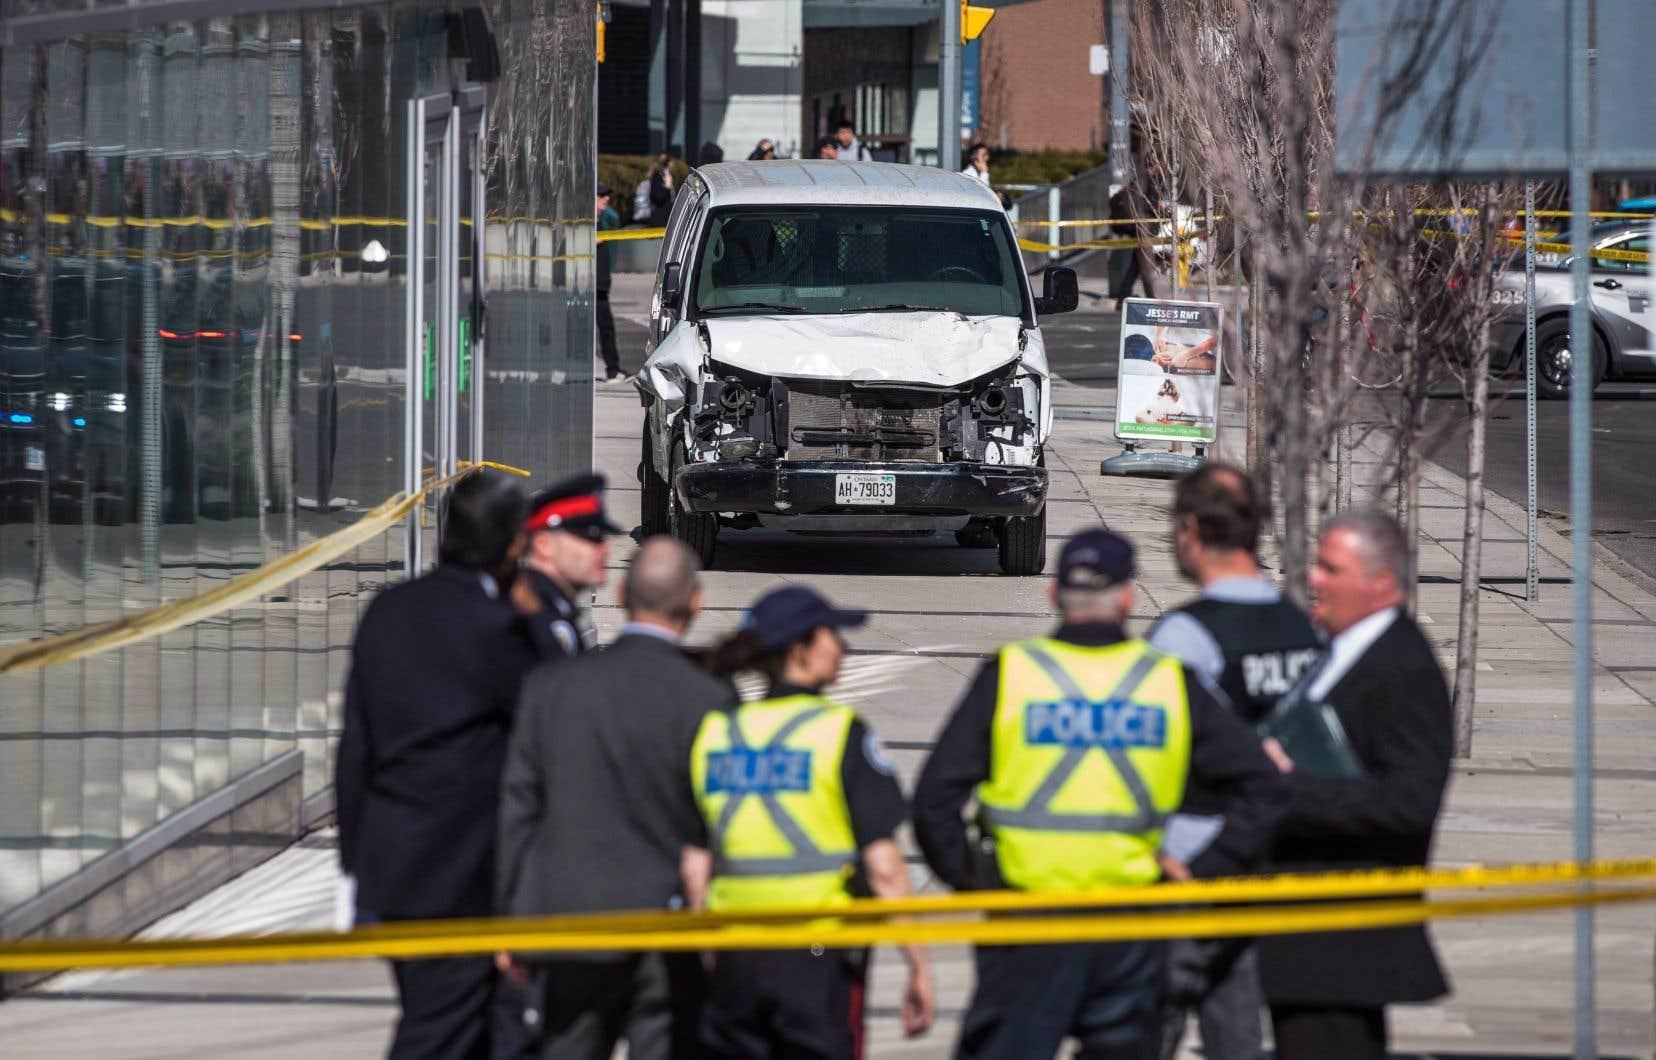 Des cérémonies et des vigiles sont prévues aujourd'hui pour rendre hommage aux personnes tuées ou blessées lors de l'attaque meurtrière de l'année dernière dans le nord de Toronto.